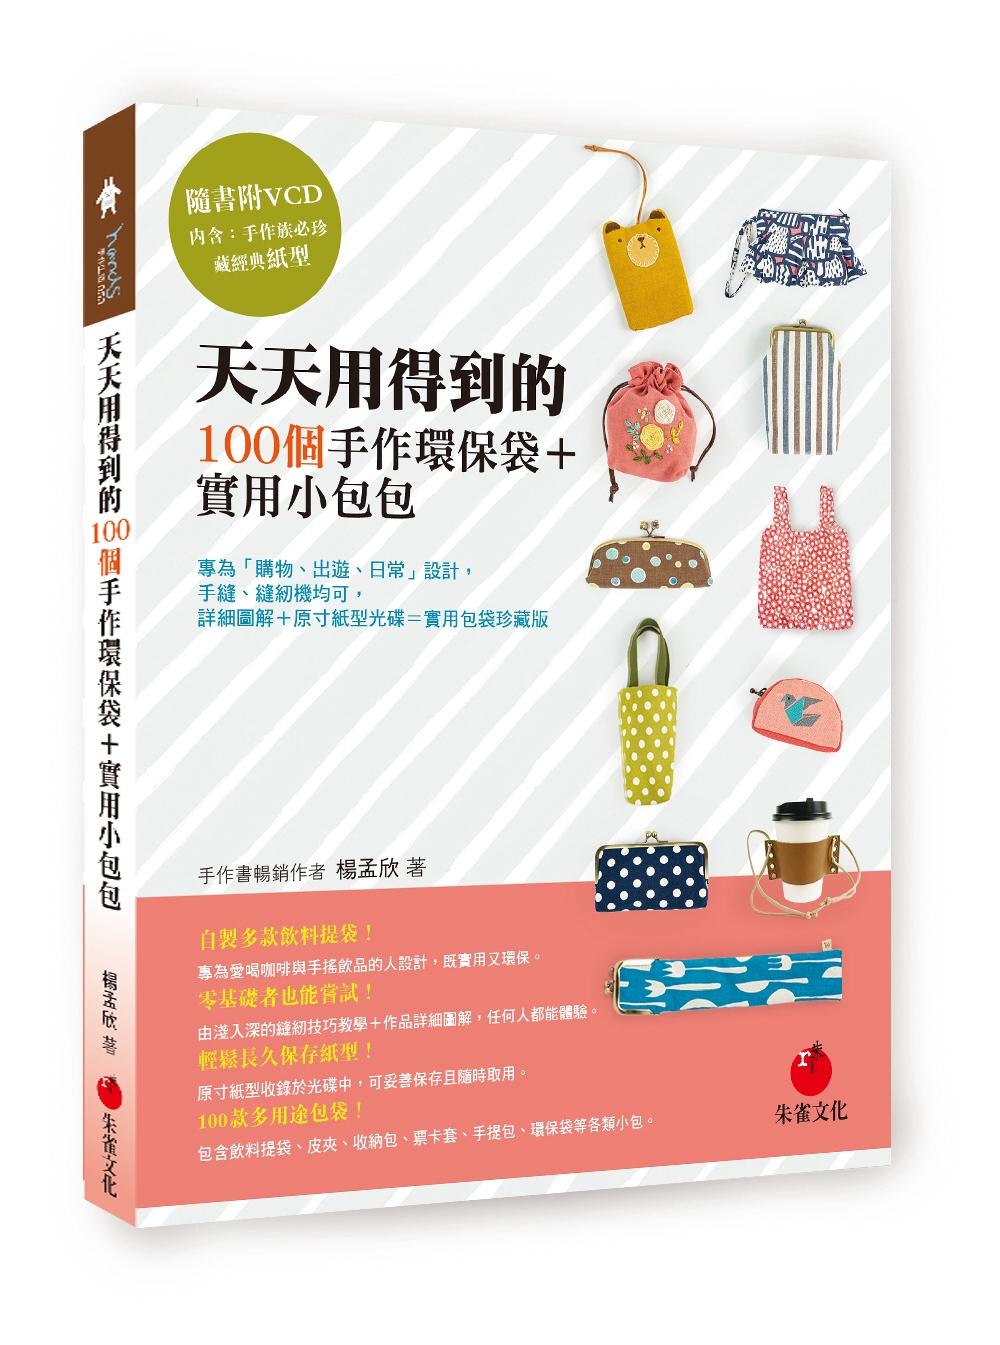 天天用得到的100個手作環保袋+實用小包包:專為「購物、出遊、日常」設計,手縫、縫紉機均可,詳細圖解+原寸紙型光碟=實用包袋珍藏版